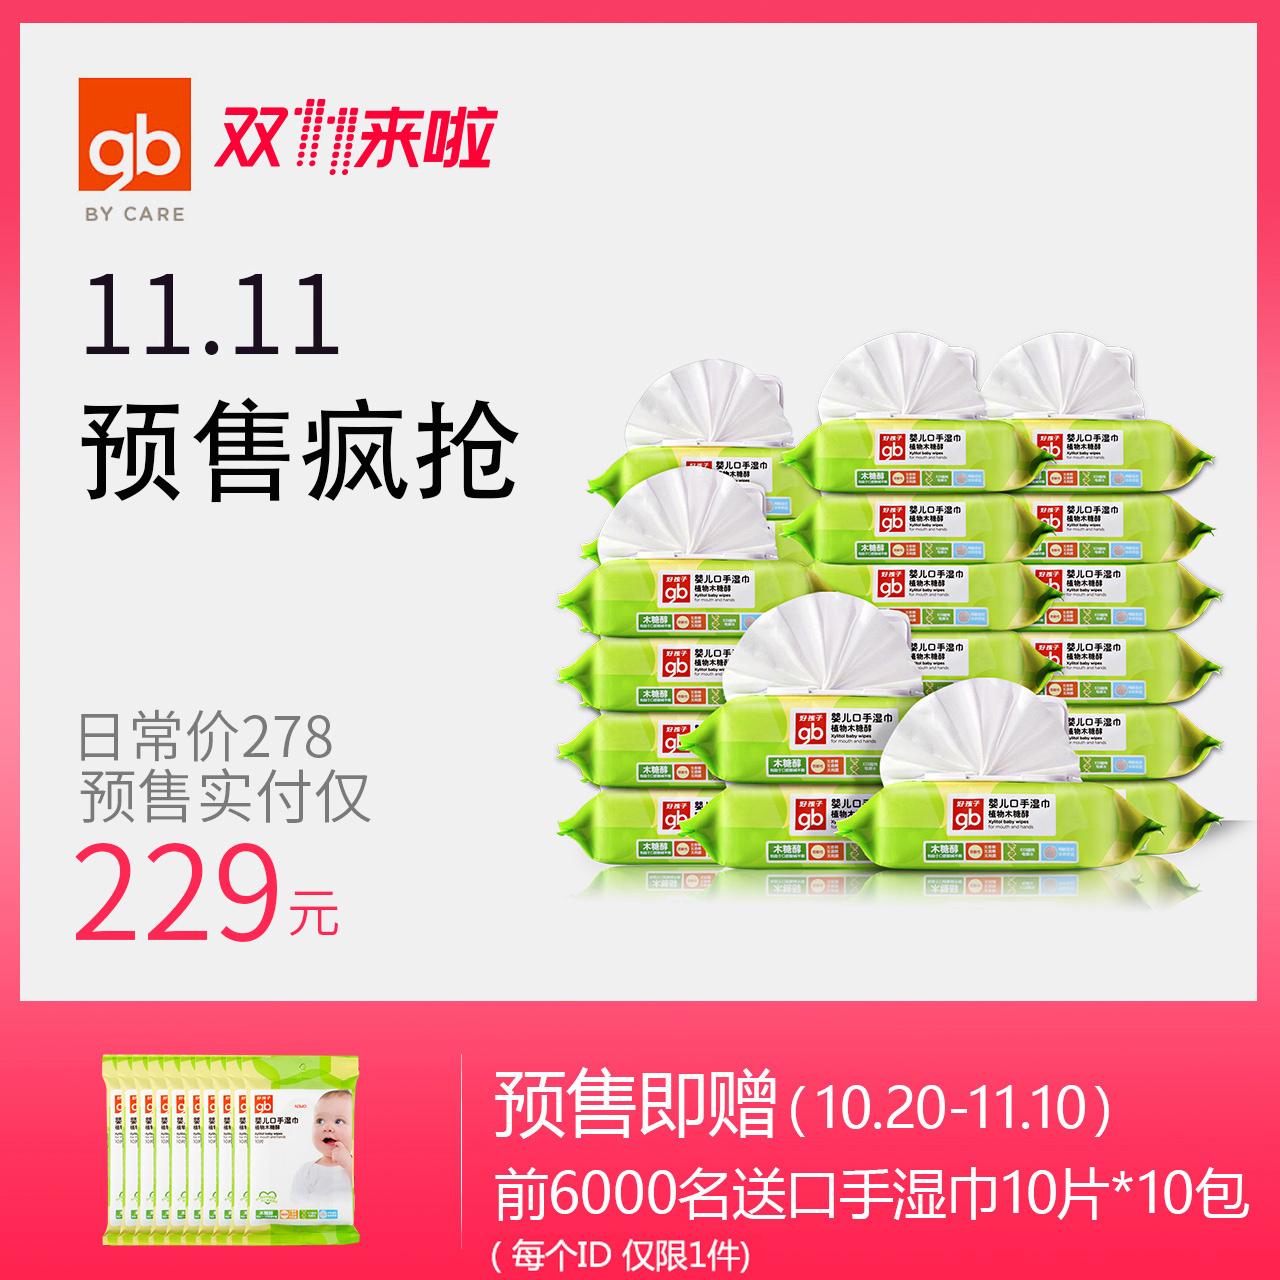 gb好孩子木糖醇婴儿手口湿纸巾带盖80抽24包宝宝湿巾新生儿专用